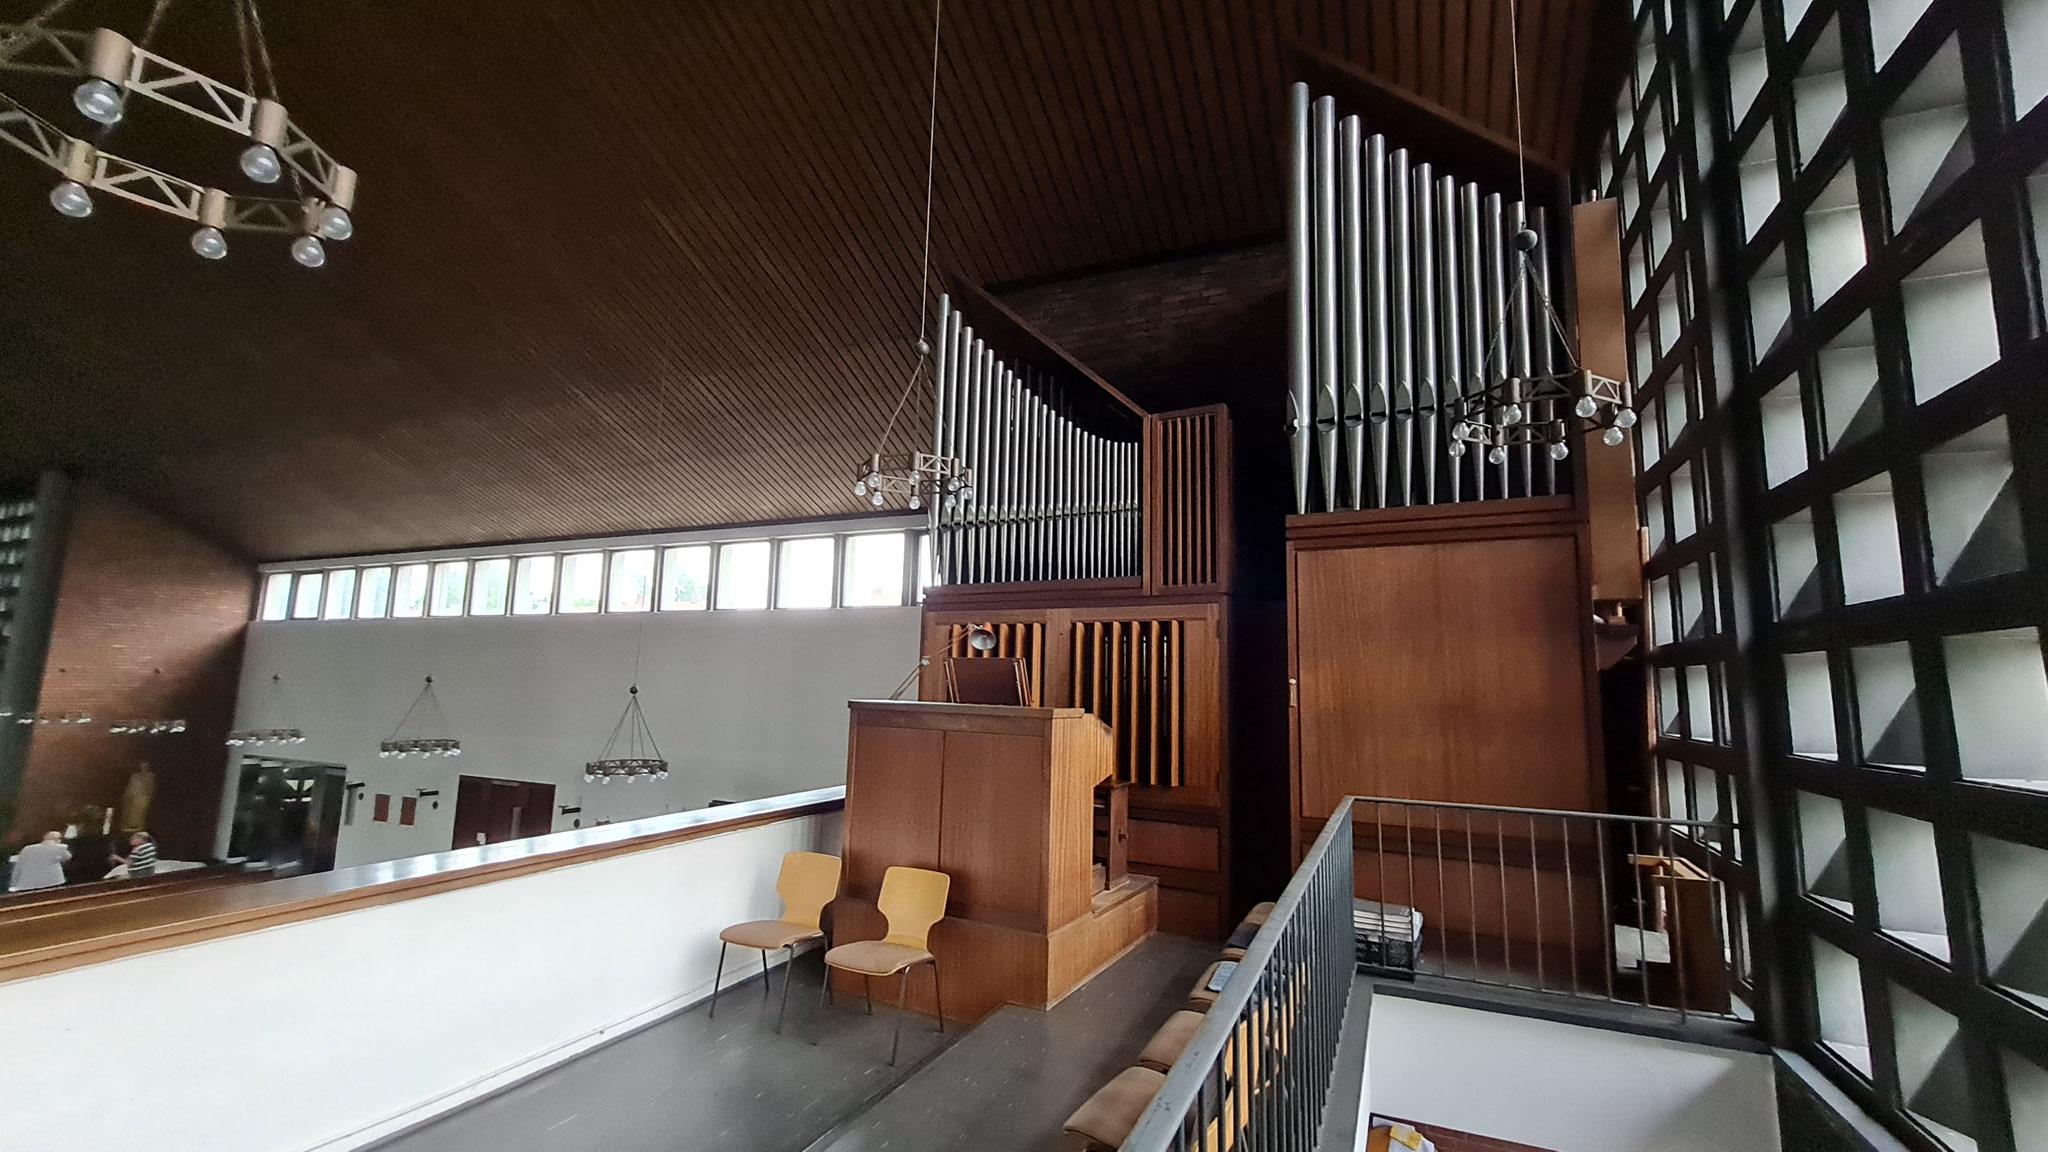 Die Orgel in der Wedauer St. Joseph-Kirche war in den 60er- Jahren von der Firma Seiffert aus Kevelaer gebaut worden. Am 17. Dezember 1967 wurde sie eingeweiht. Nun wird sie zerlegt und in Polen wieder aufgebaut.